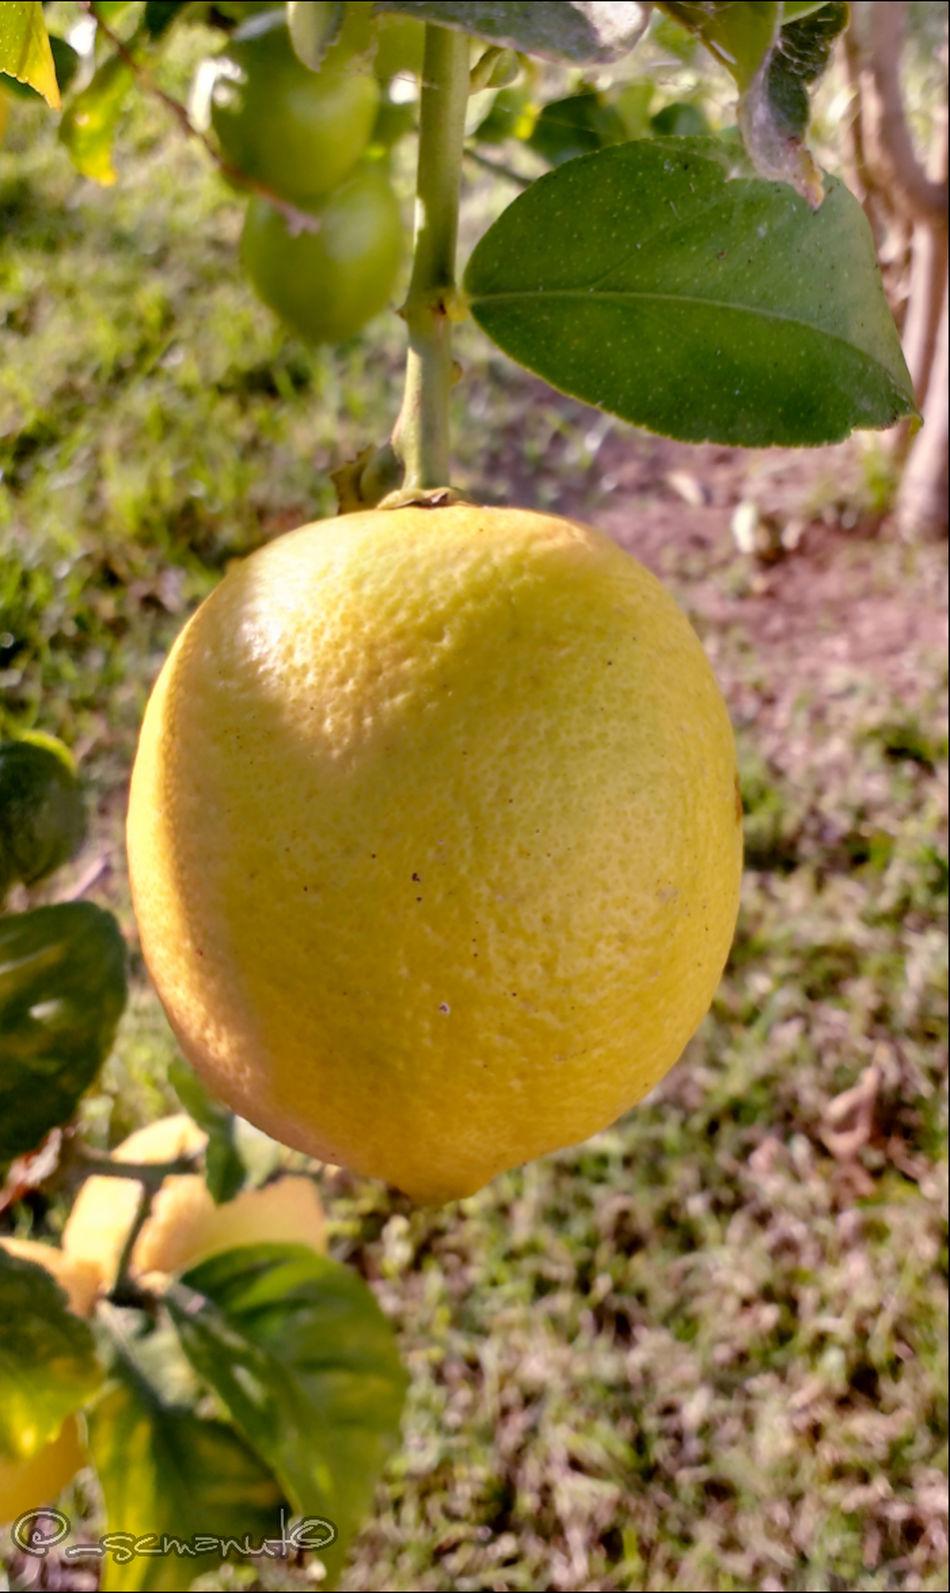 Lemon tree very pretty... Peterpaulandmary Lemontree Nature Photography EyeEm Nature Lover Gardening Garden Photography